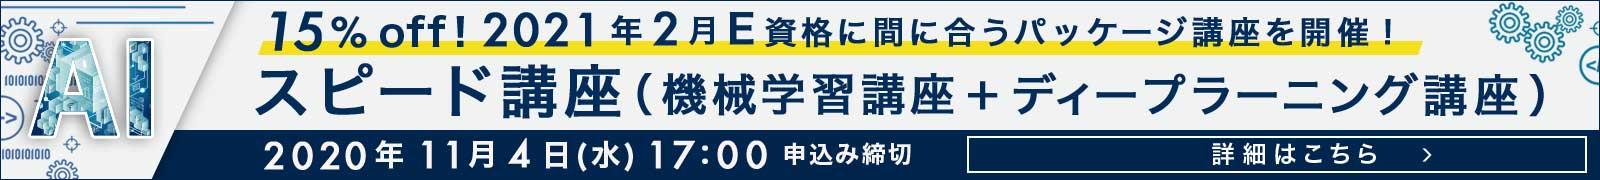 2020年8月E資格に間に合うスピード講座を開催